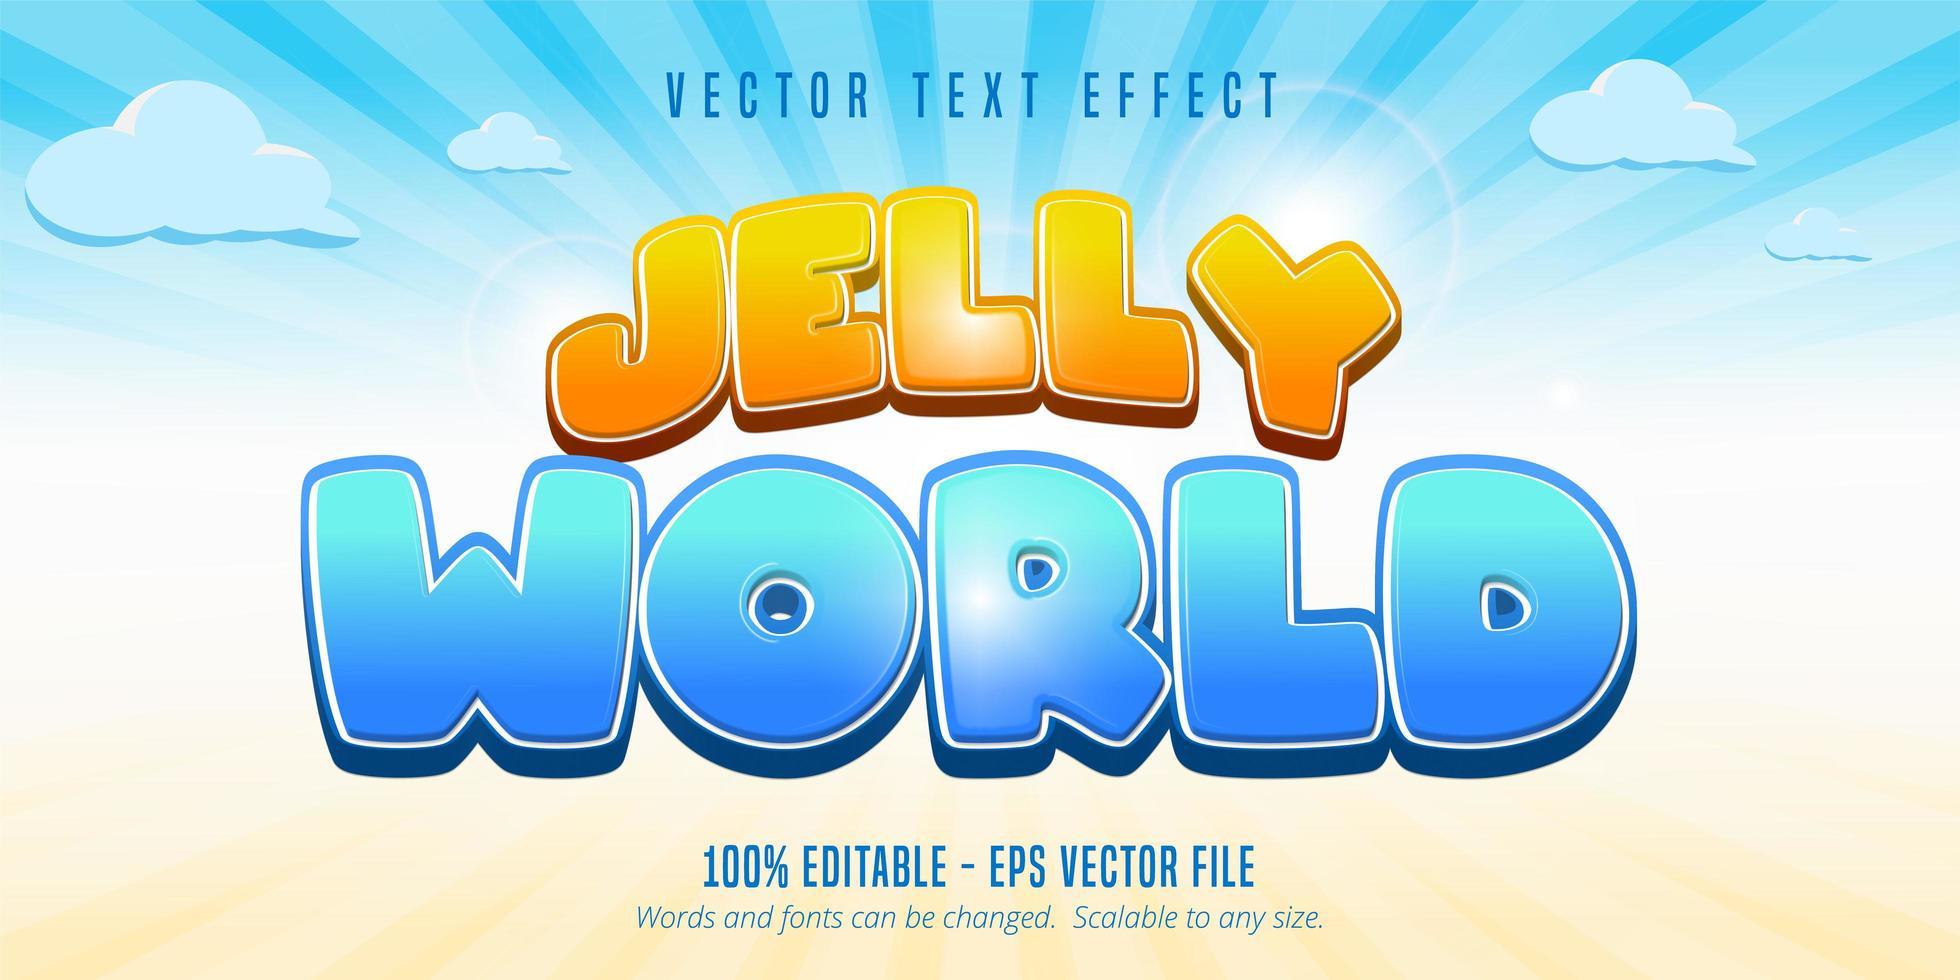 Gelee-Weltblasen-Texteffekt vektor